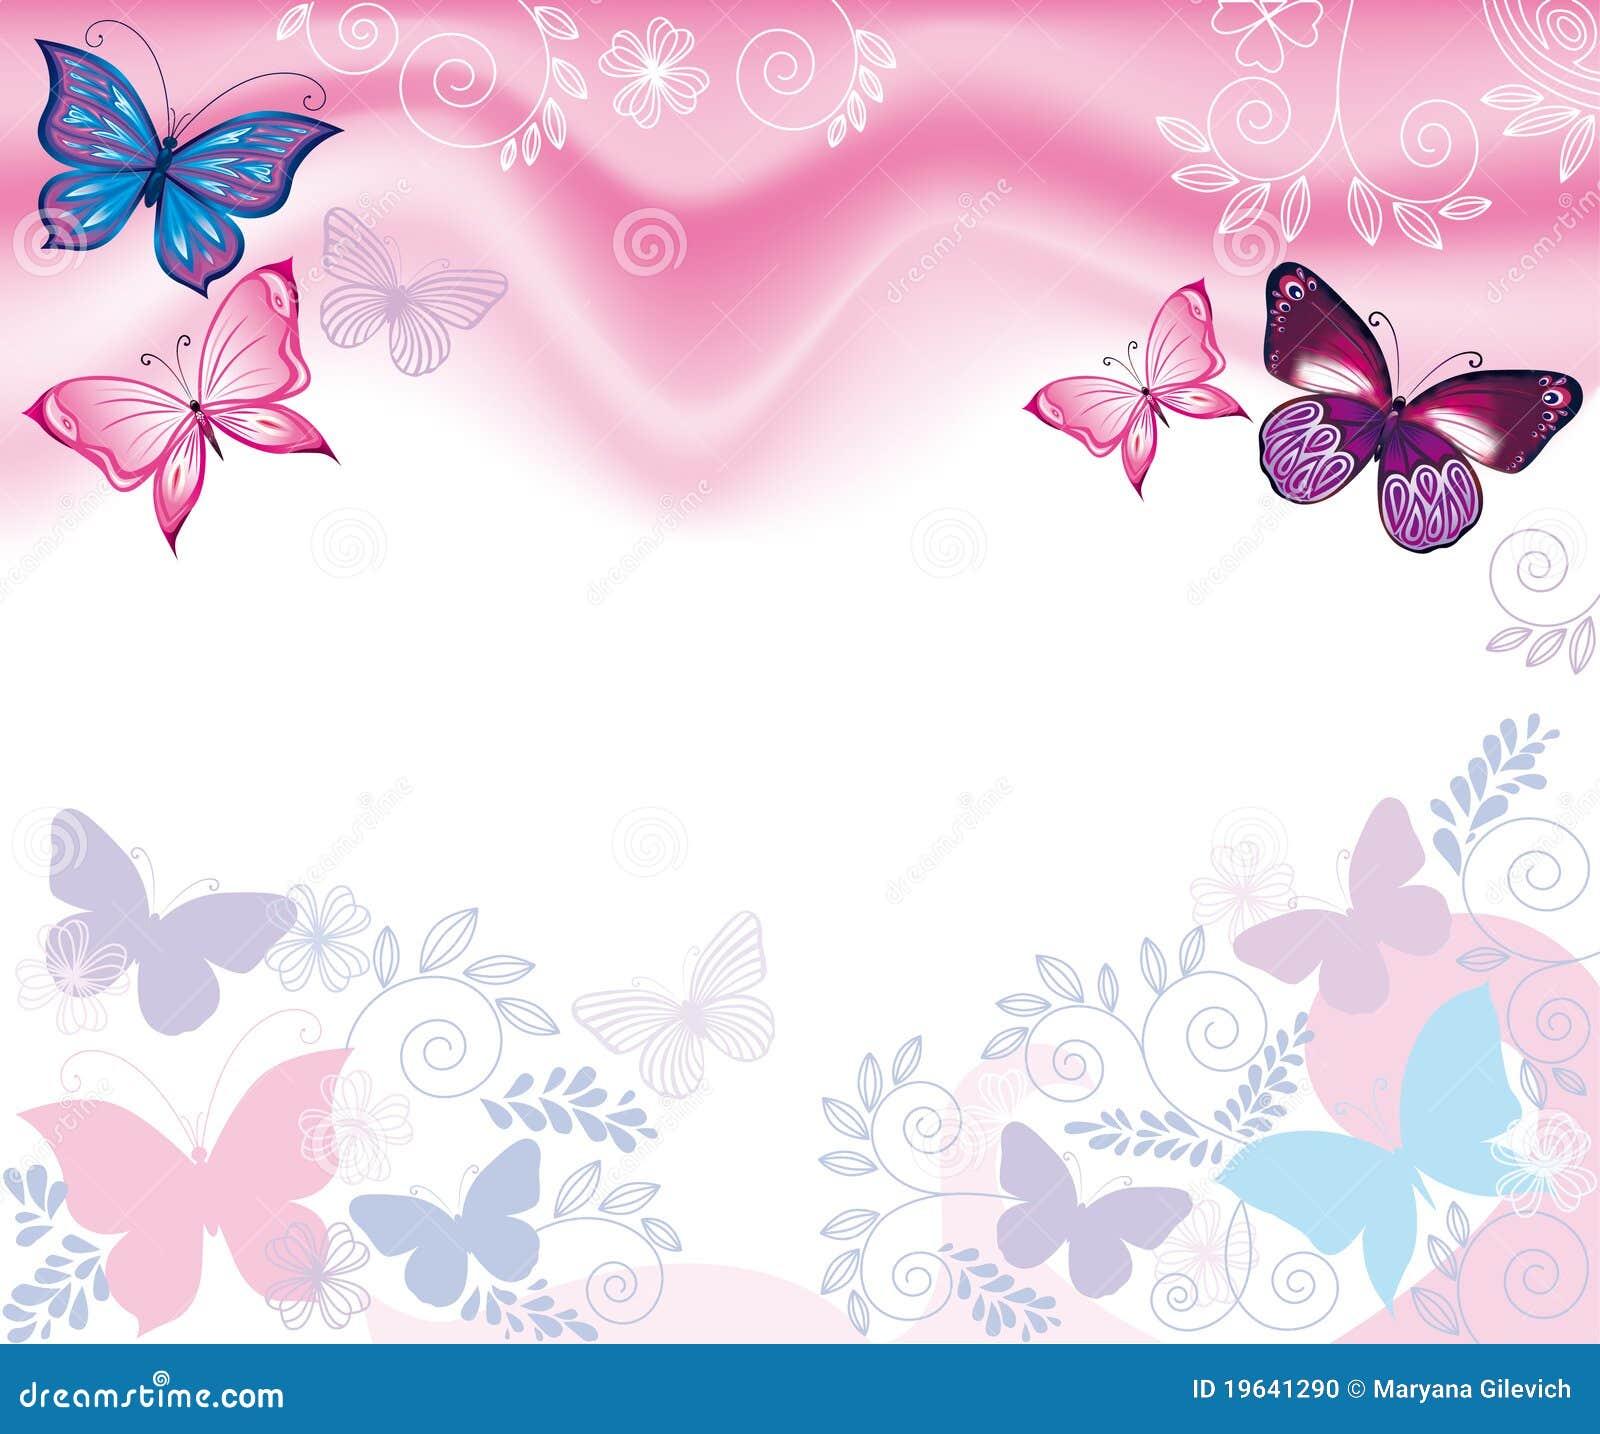 Imagenes de mariposas bonitas y fondos de pantalla de for Imagenes bonitas para fondo de pantalla